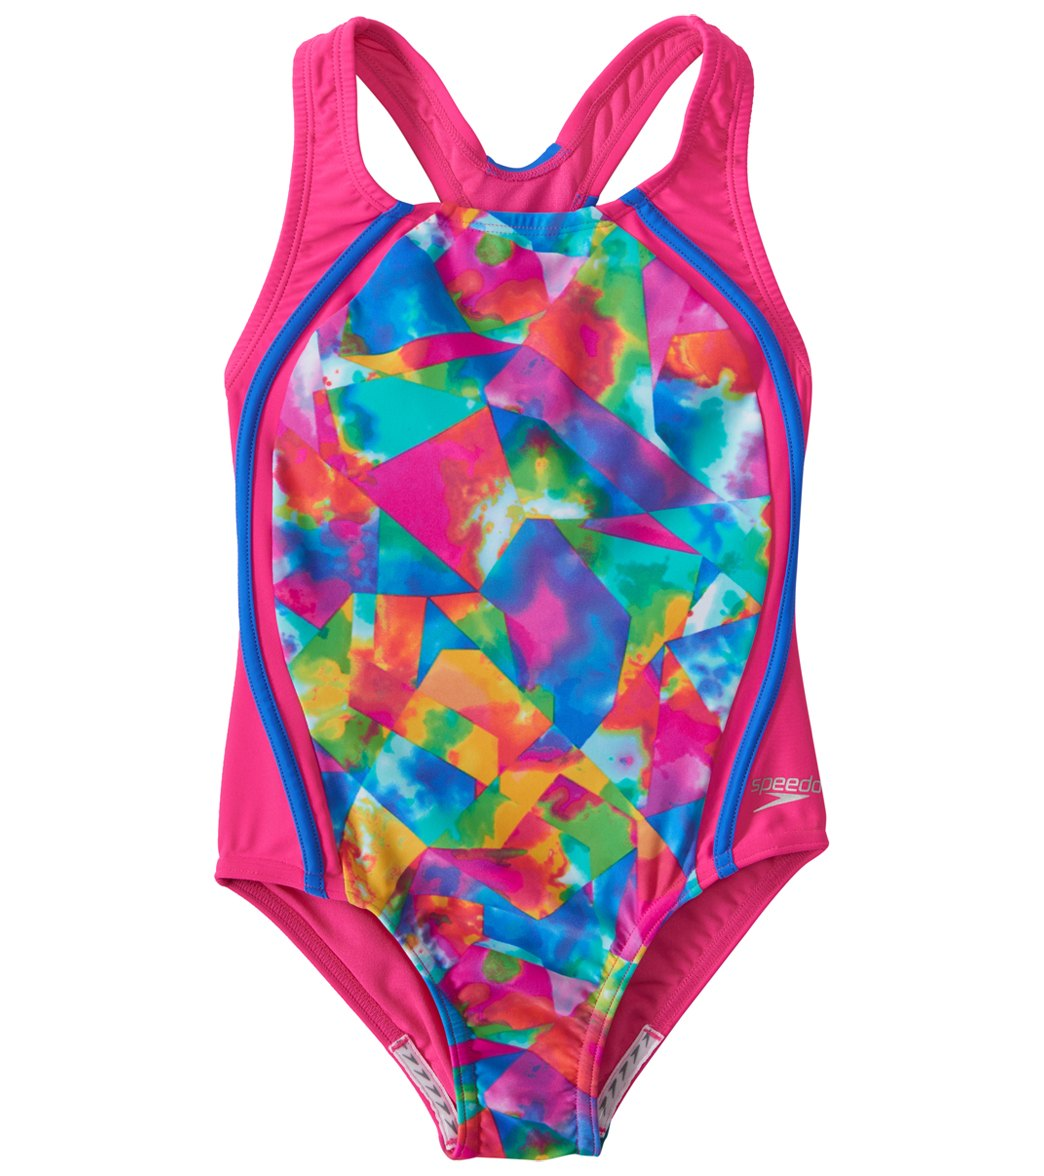 5594138bd4 ... Speedo Girls' Tie Dye Sky Sport Splice One Piece Swimsuit (7-16). Share